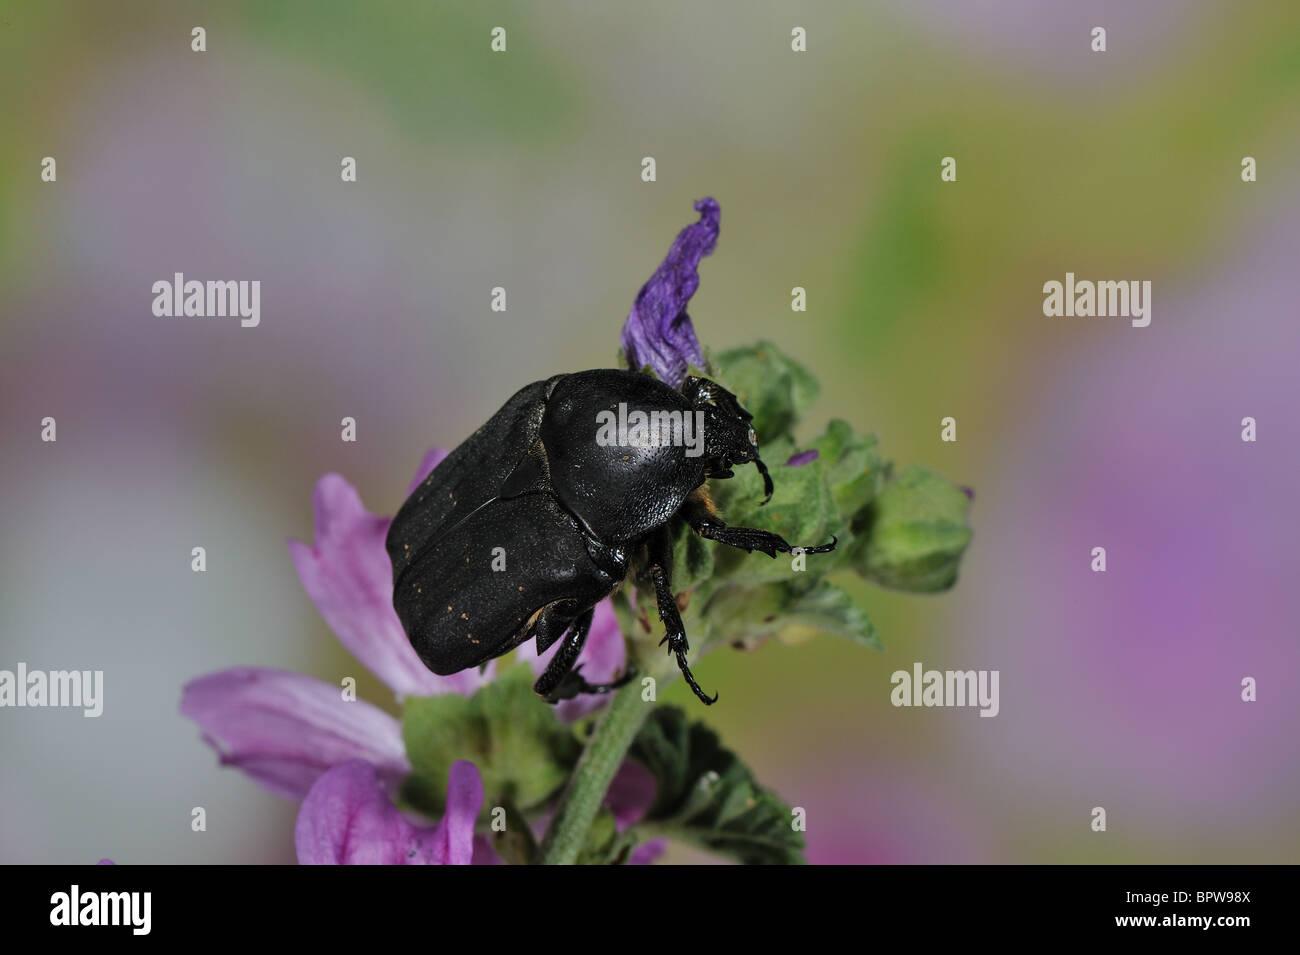 Black Rose Chafer - Black Rose beetle (Netocia morio - Protaetia (Netocia) morio) gathering nectar on flower at - Stock Image